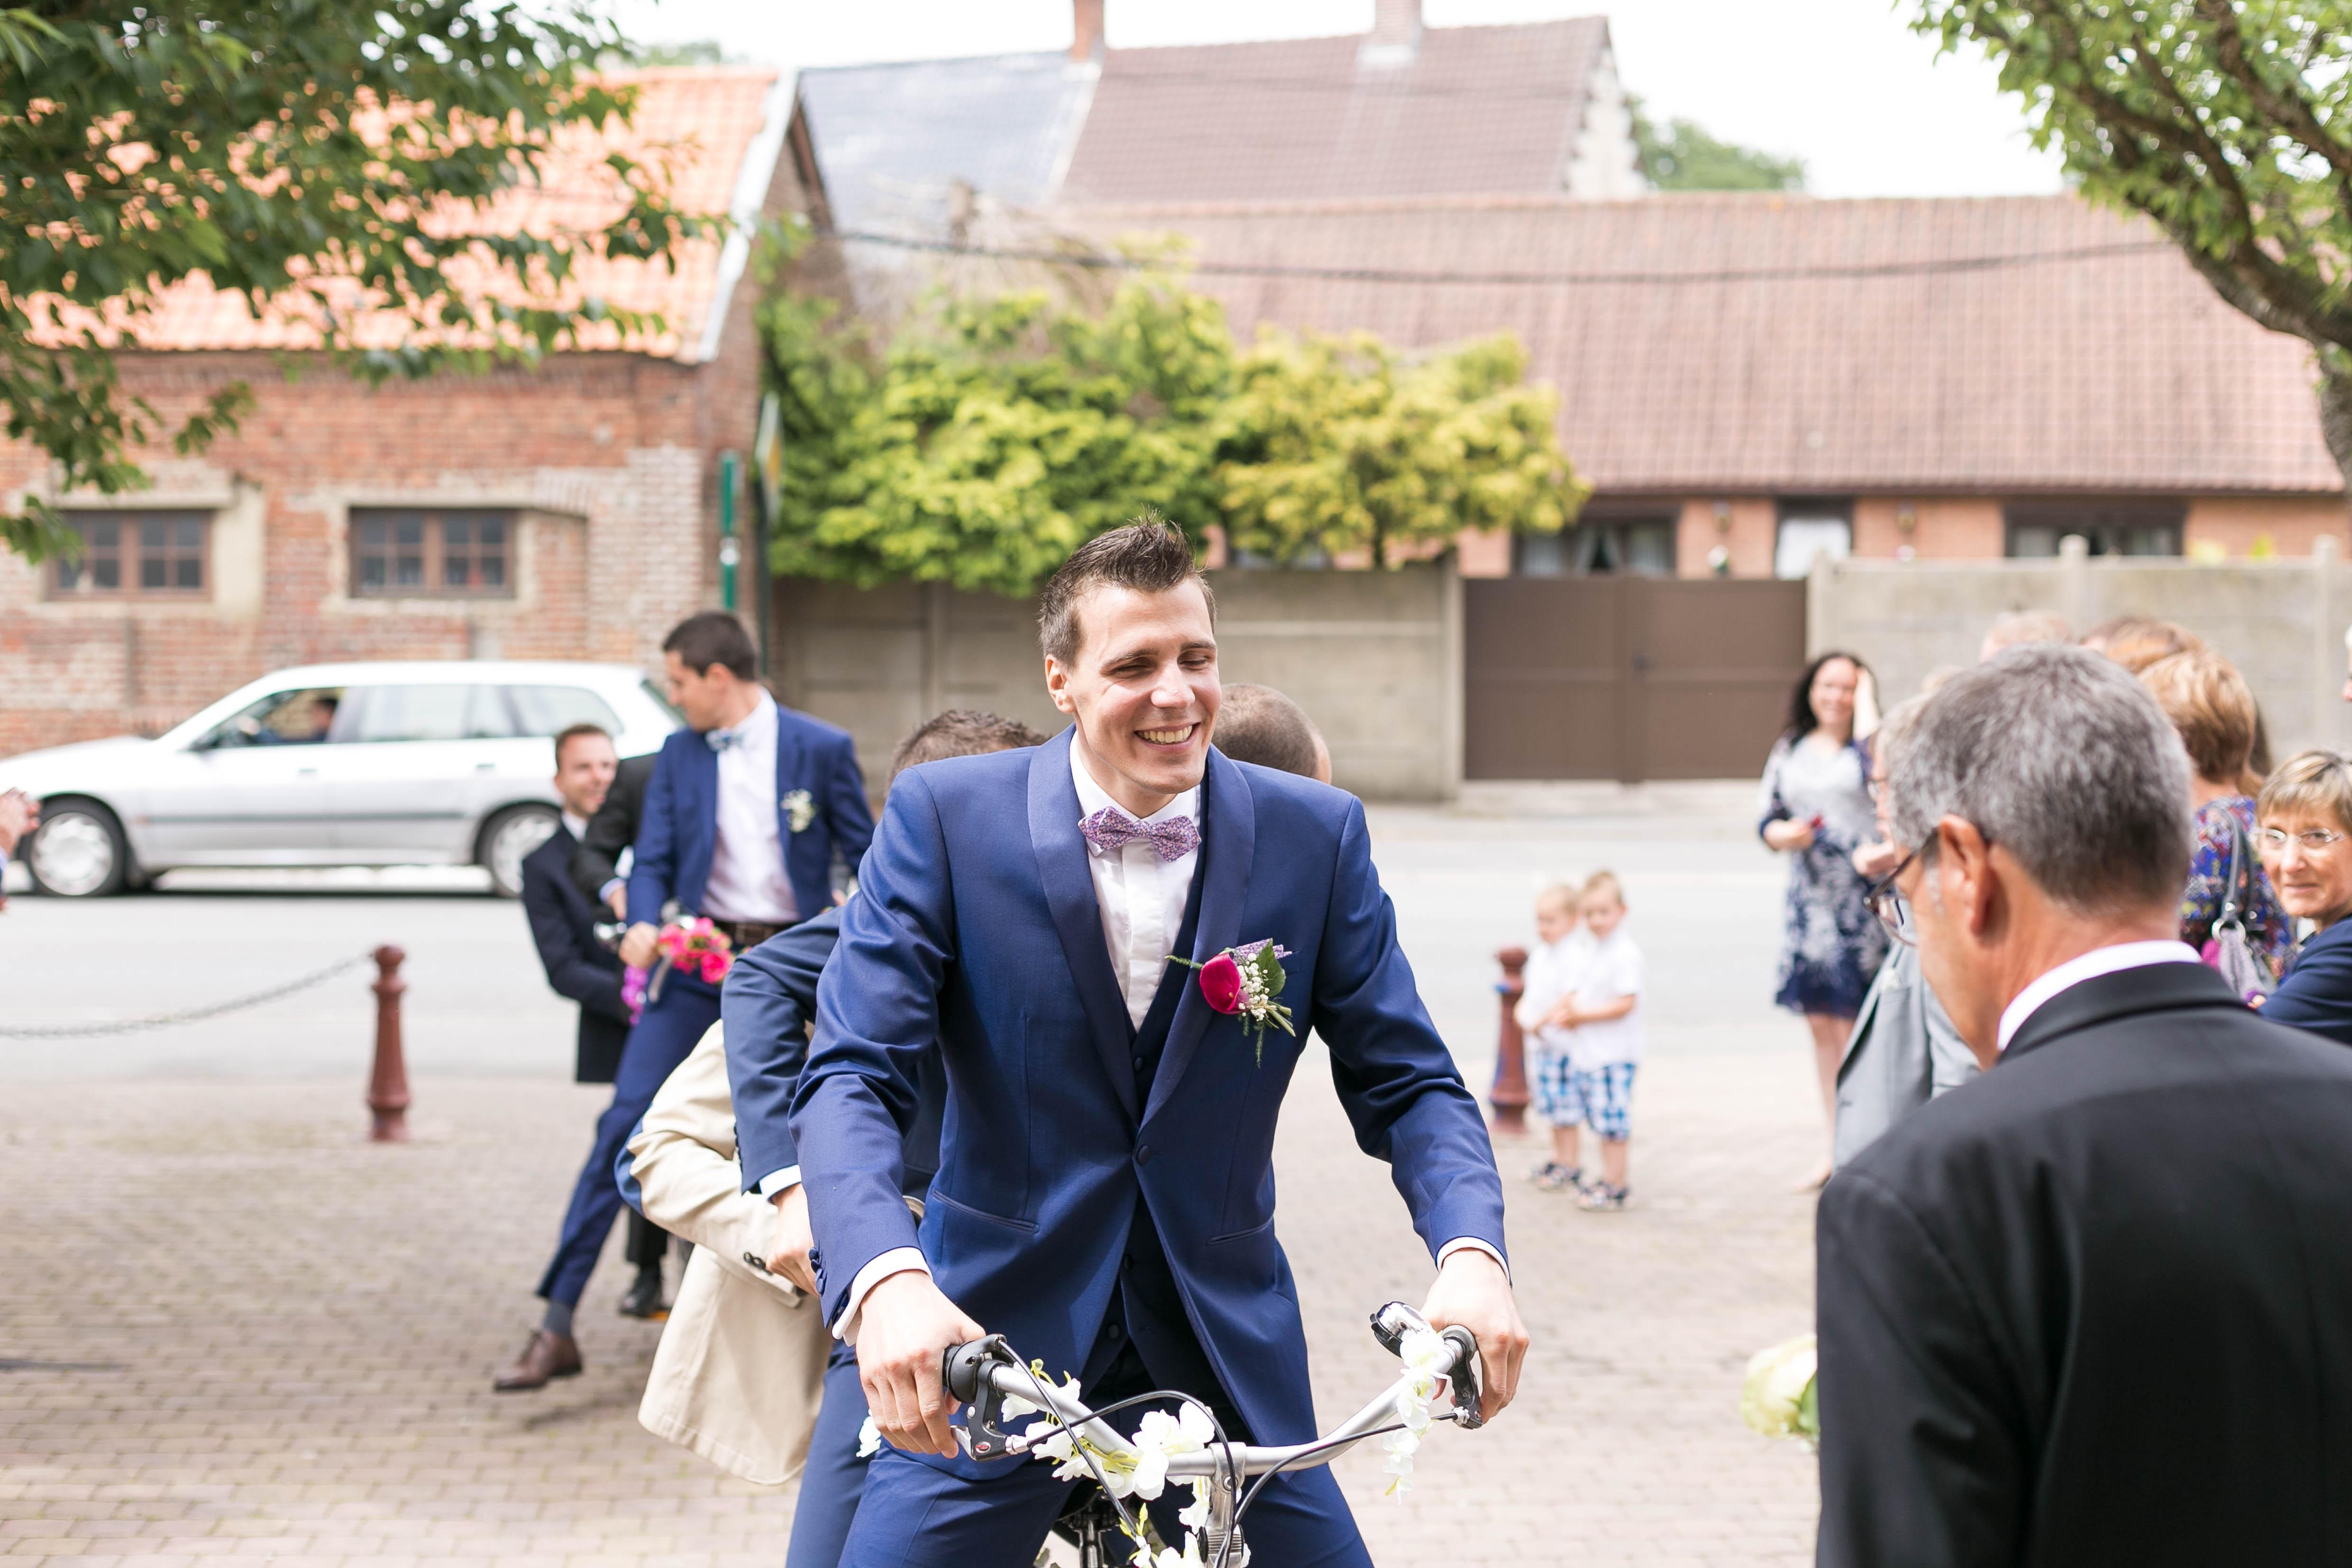 Mariage au chateau de rebreuve ranchicourt-nord pas de calais-Nord-mariage à vélo